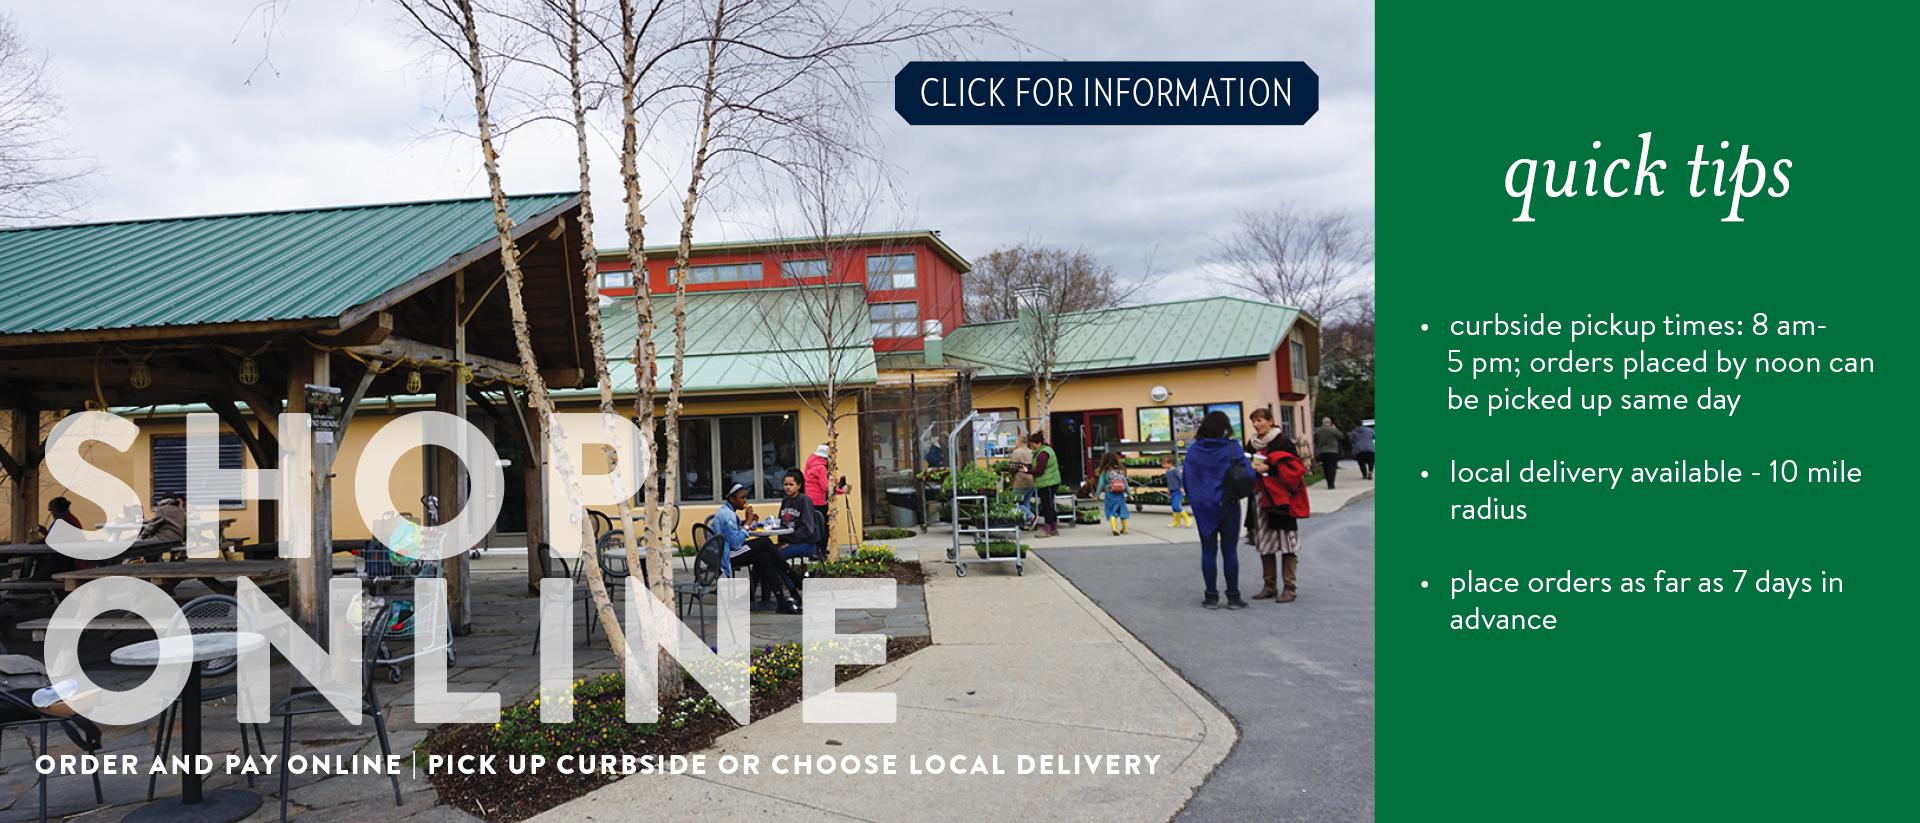 Shop Online Slide with Link to online shopping platform